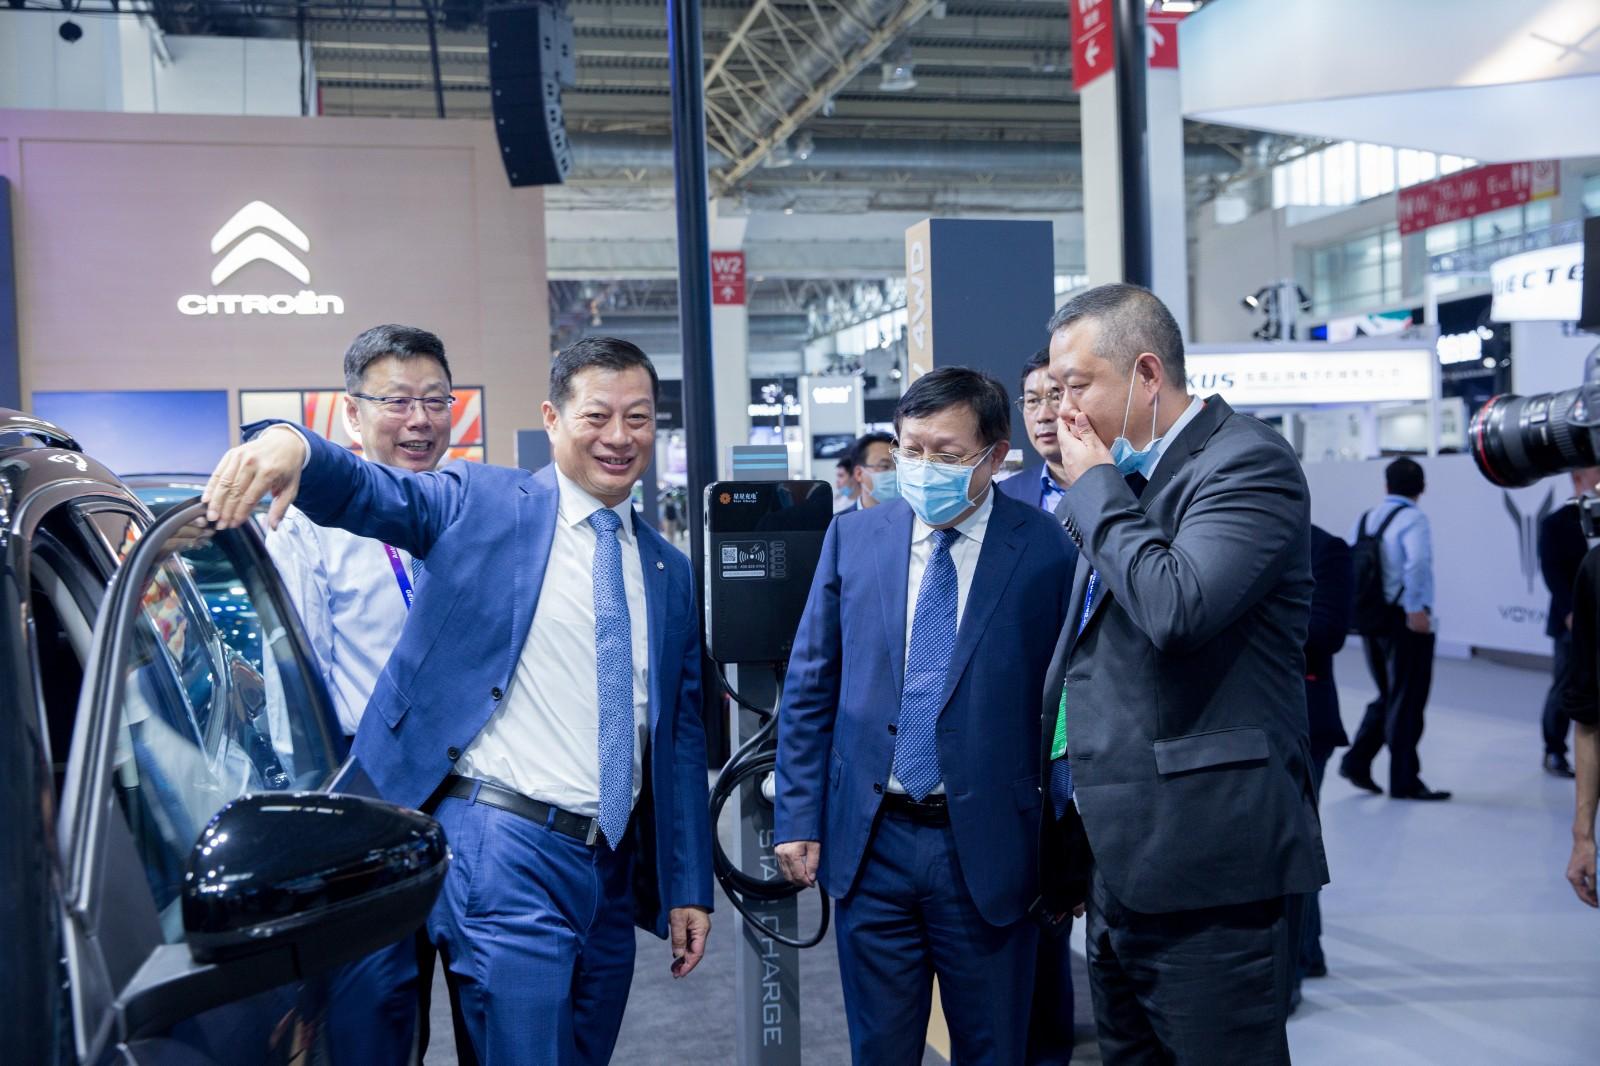 东风汽车集团董事长竺延风来展台体验雪铁龙汽车